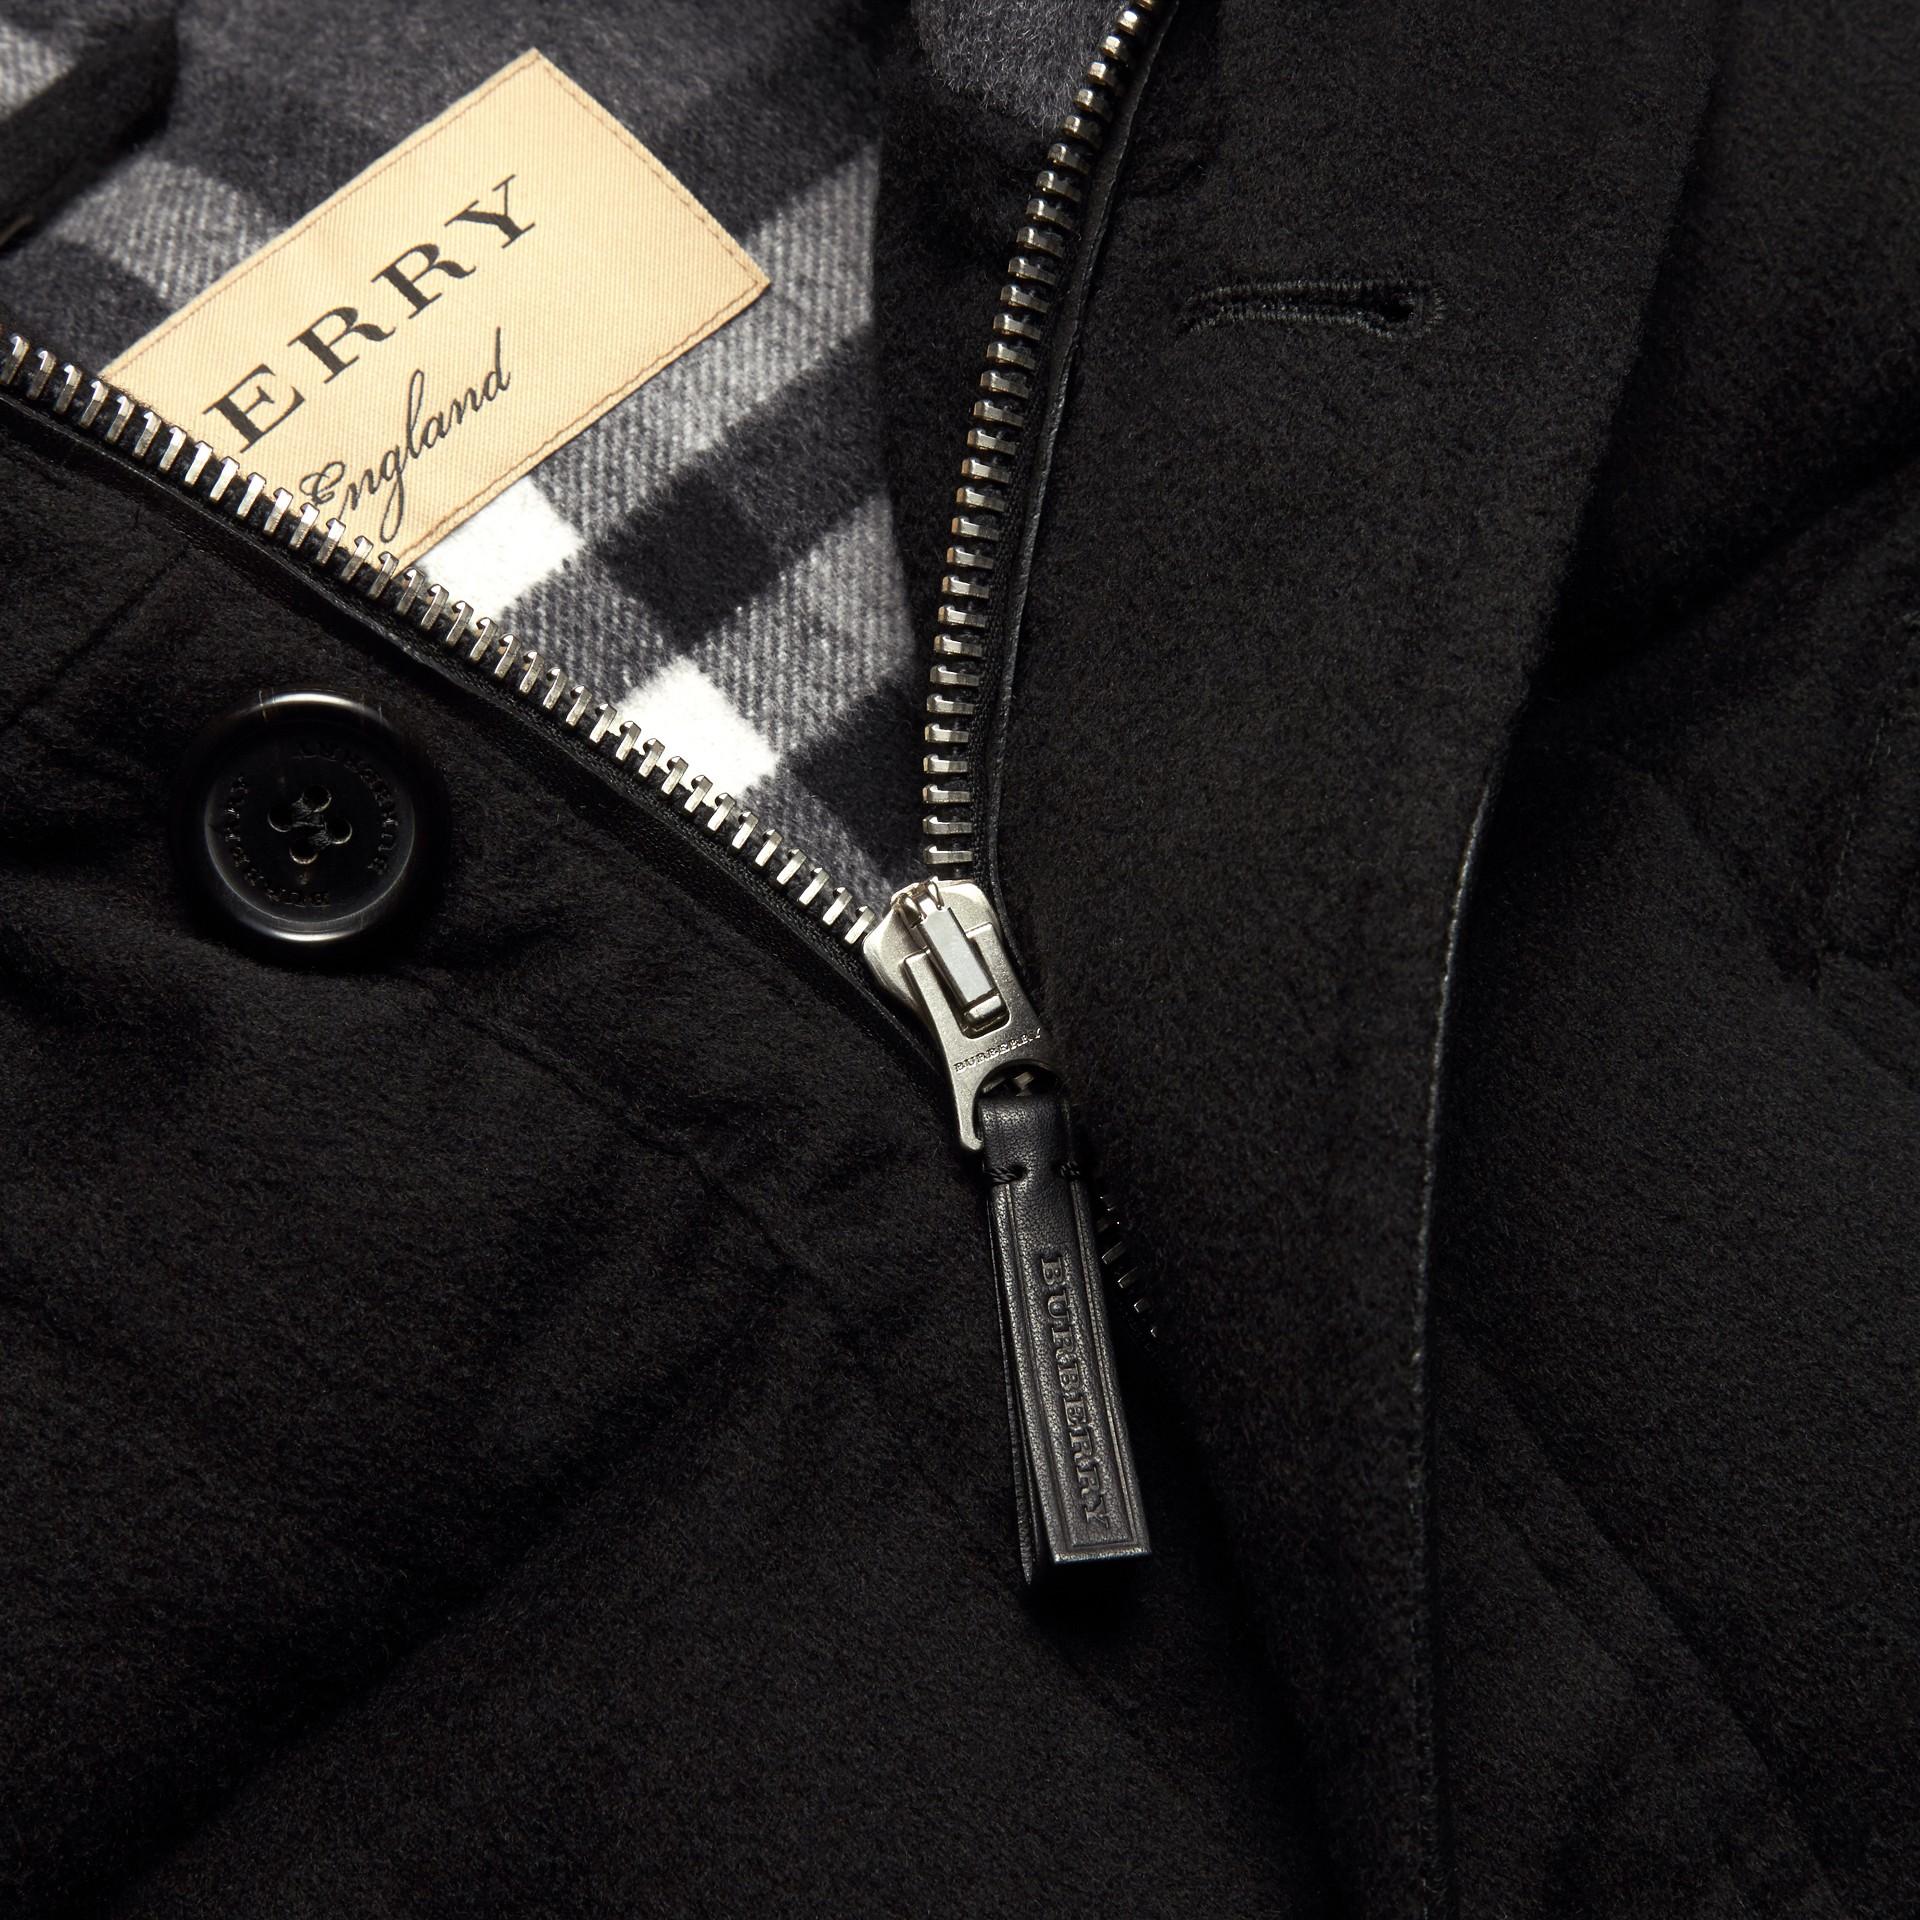 Noir Parka en cachemire rembourrée avec bordure en fourrure amovible Noir - photo de la galerie 2